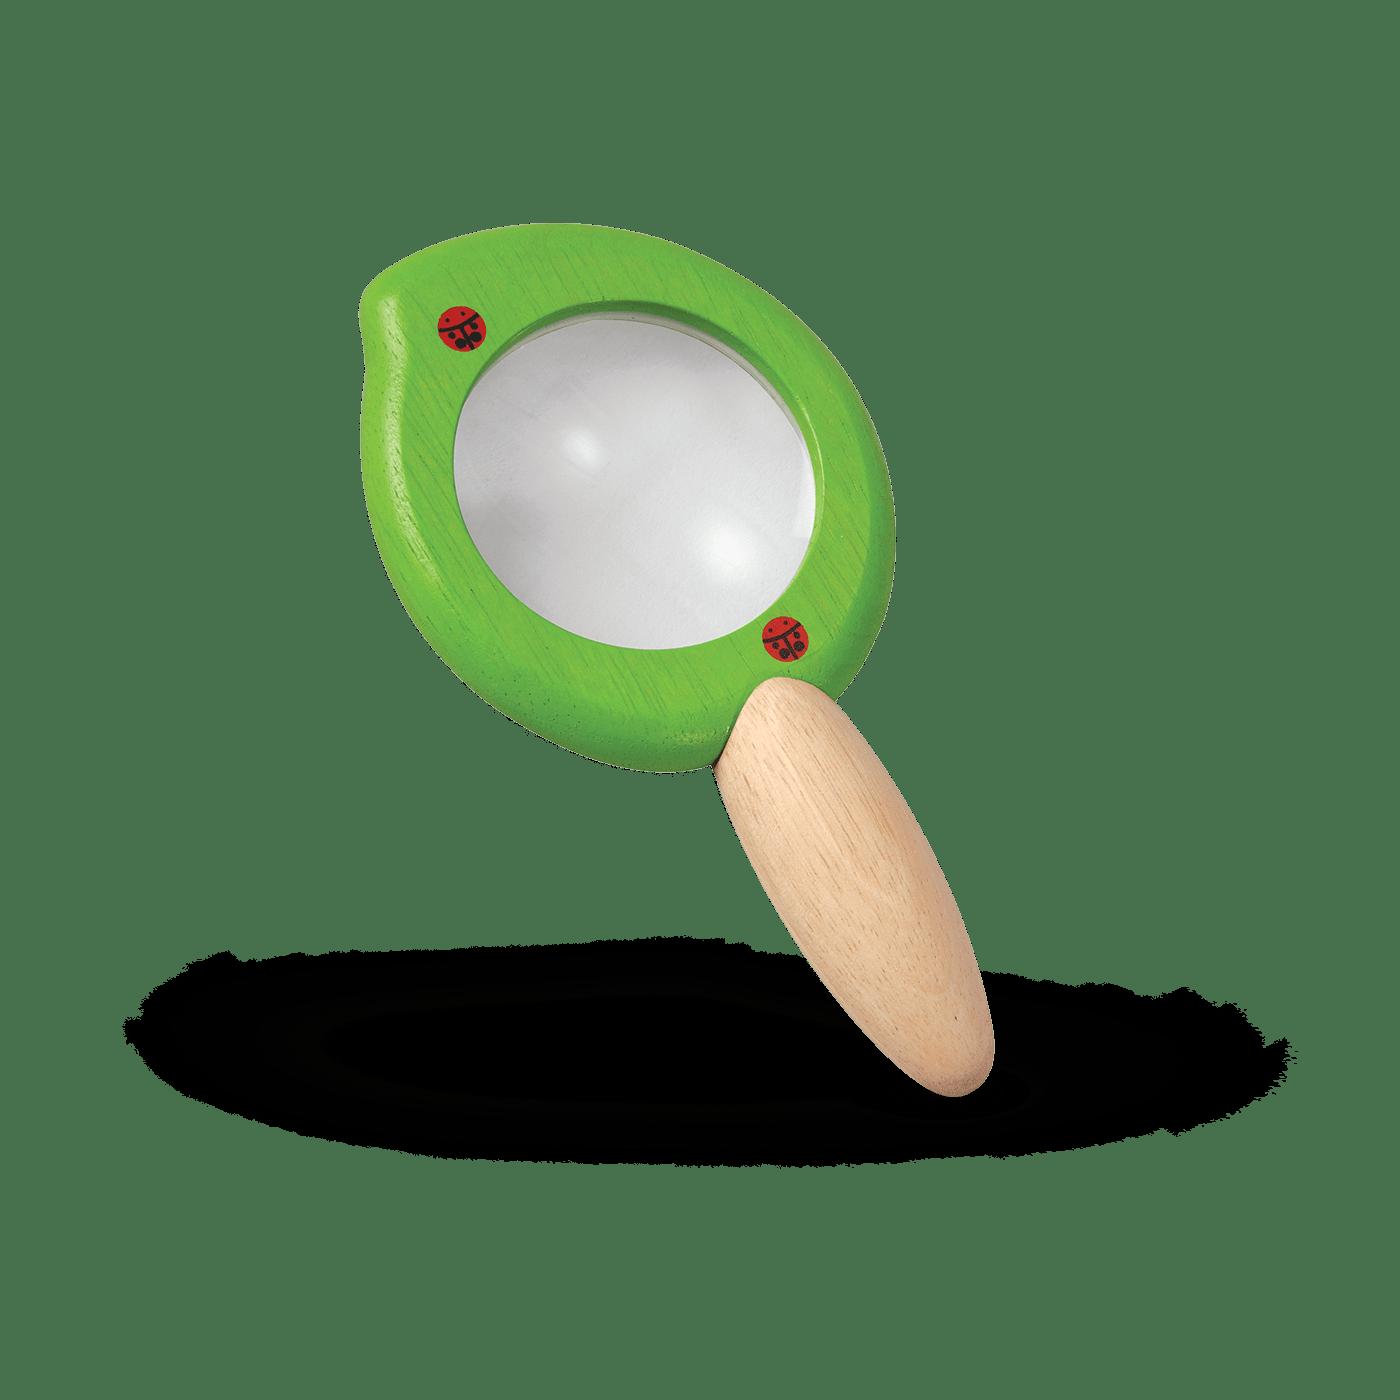 Leaf Magnifier